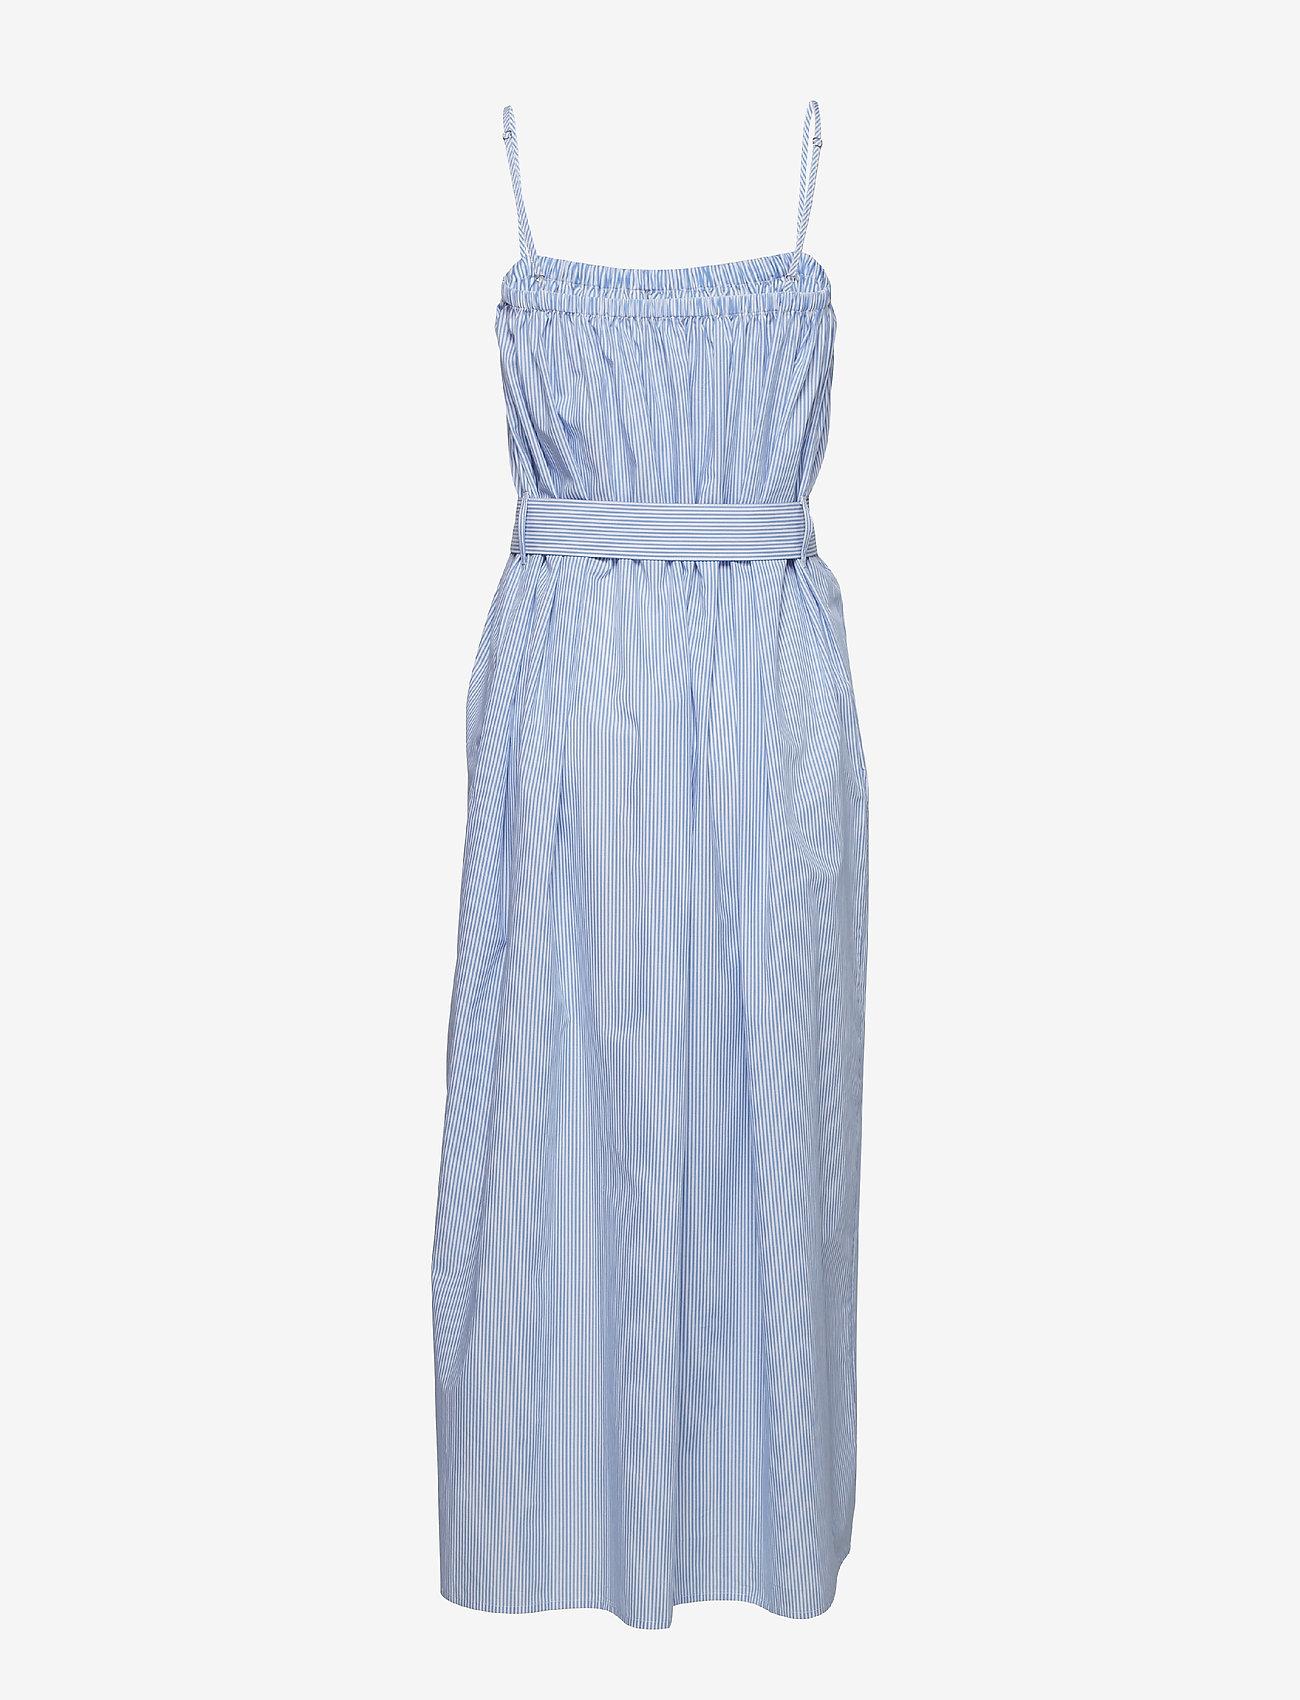 Annabelle Dress (Multi) (758 kr) - Lovechild 1979